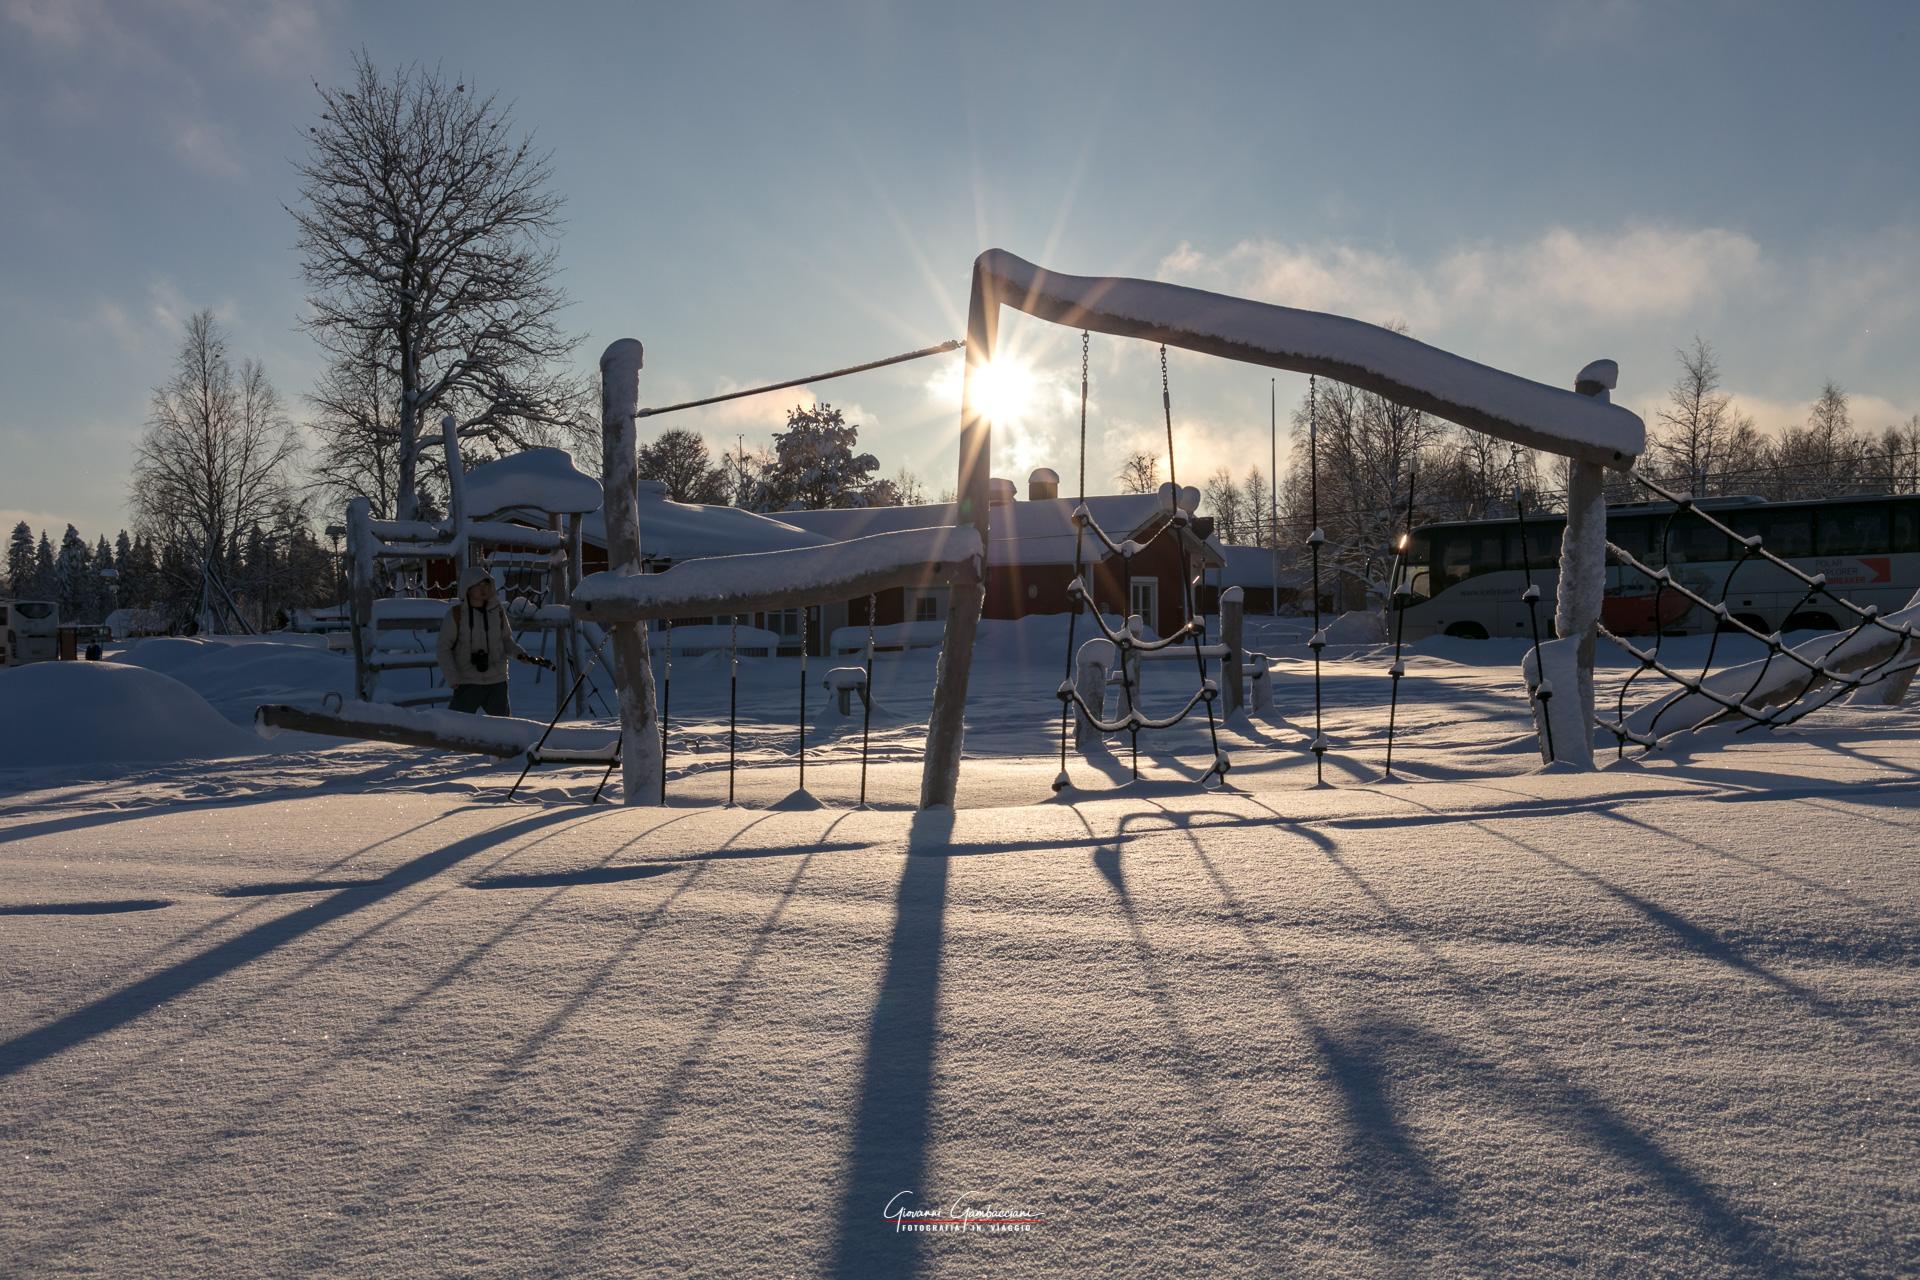 2019-02-11_Gambacciani-Lapponia-Norvegia-Finnmark-Viaggio-Febbraio-2019_0009_264A0803